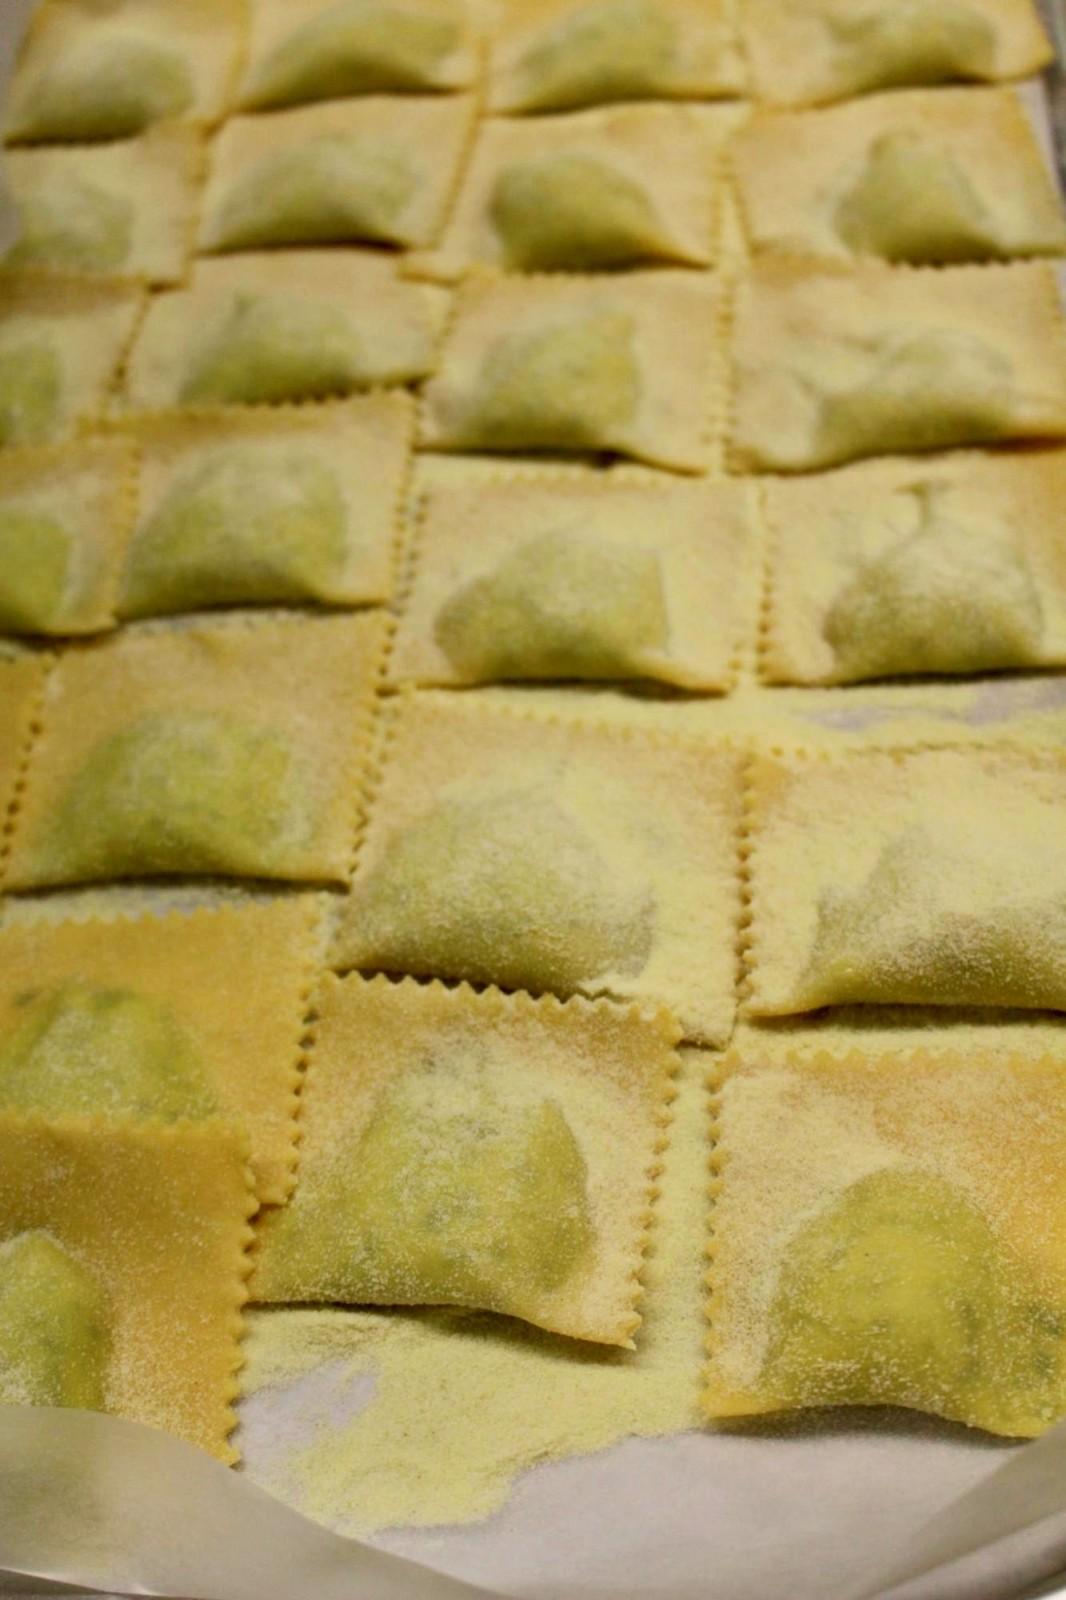 Seine Ravioli produziert Wolfgang jeden Tag ganz frisch. Ihre knallige Farbe kriegen sie von dem grossen Eigelb-Anteil. Foto: Lunchgate/Lea